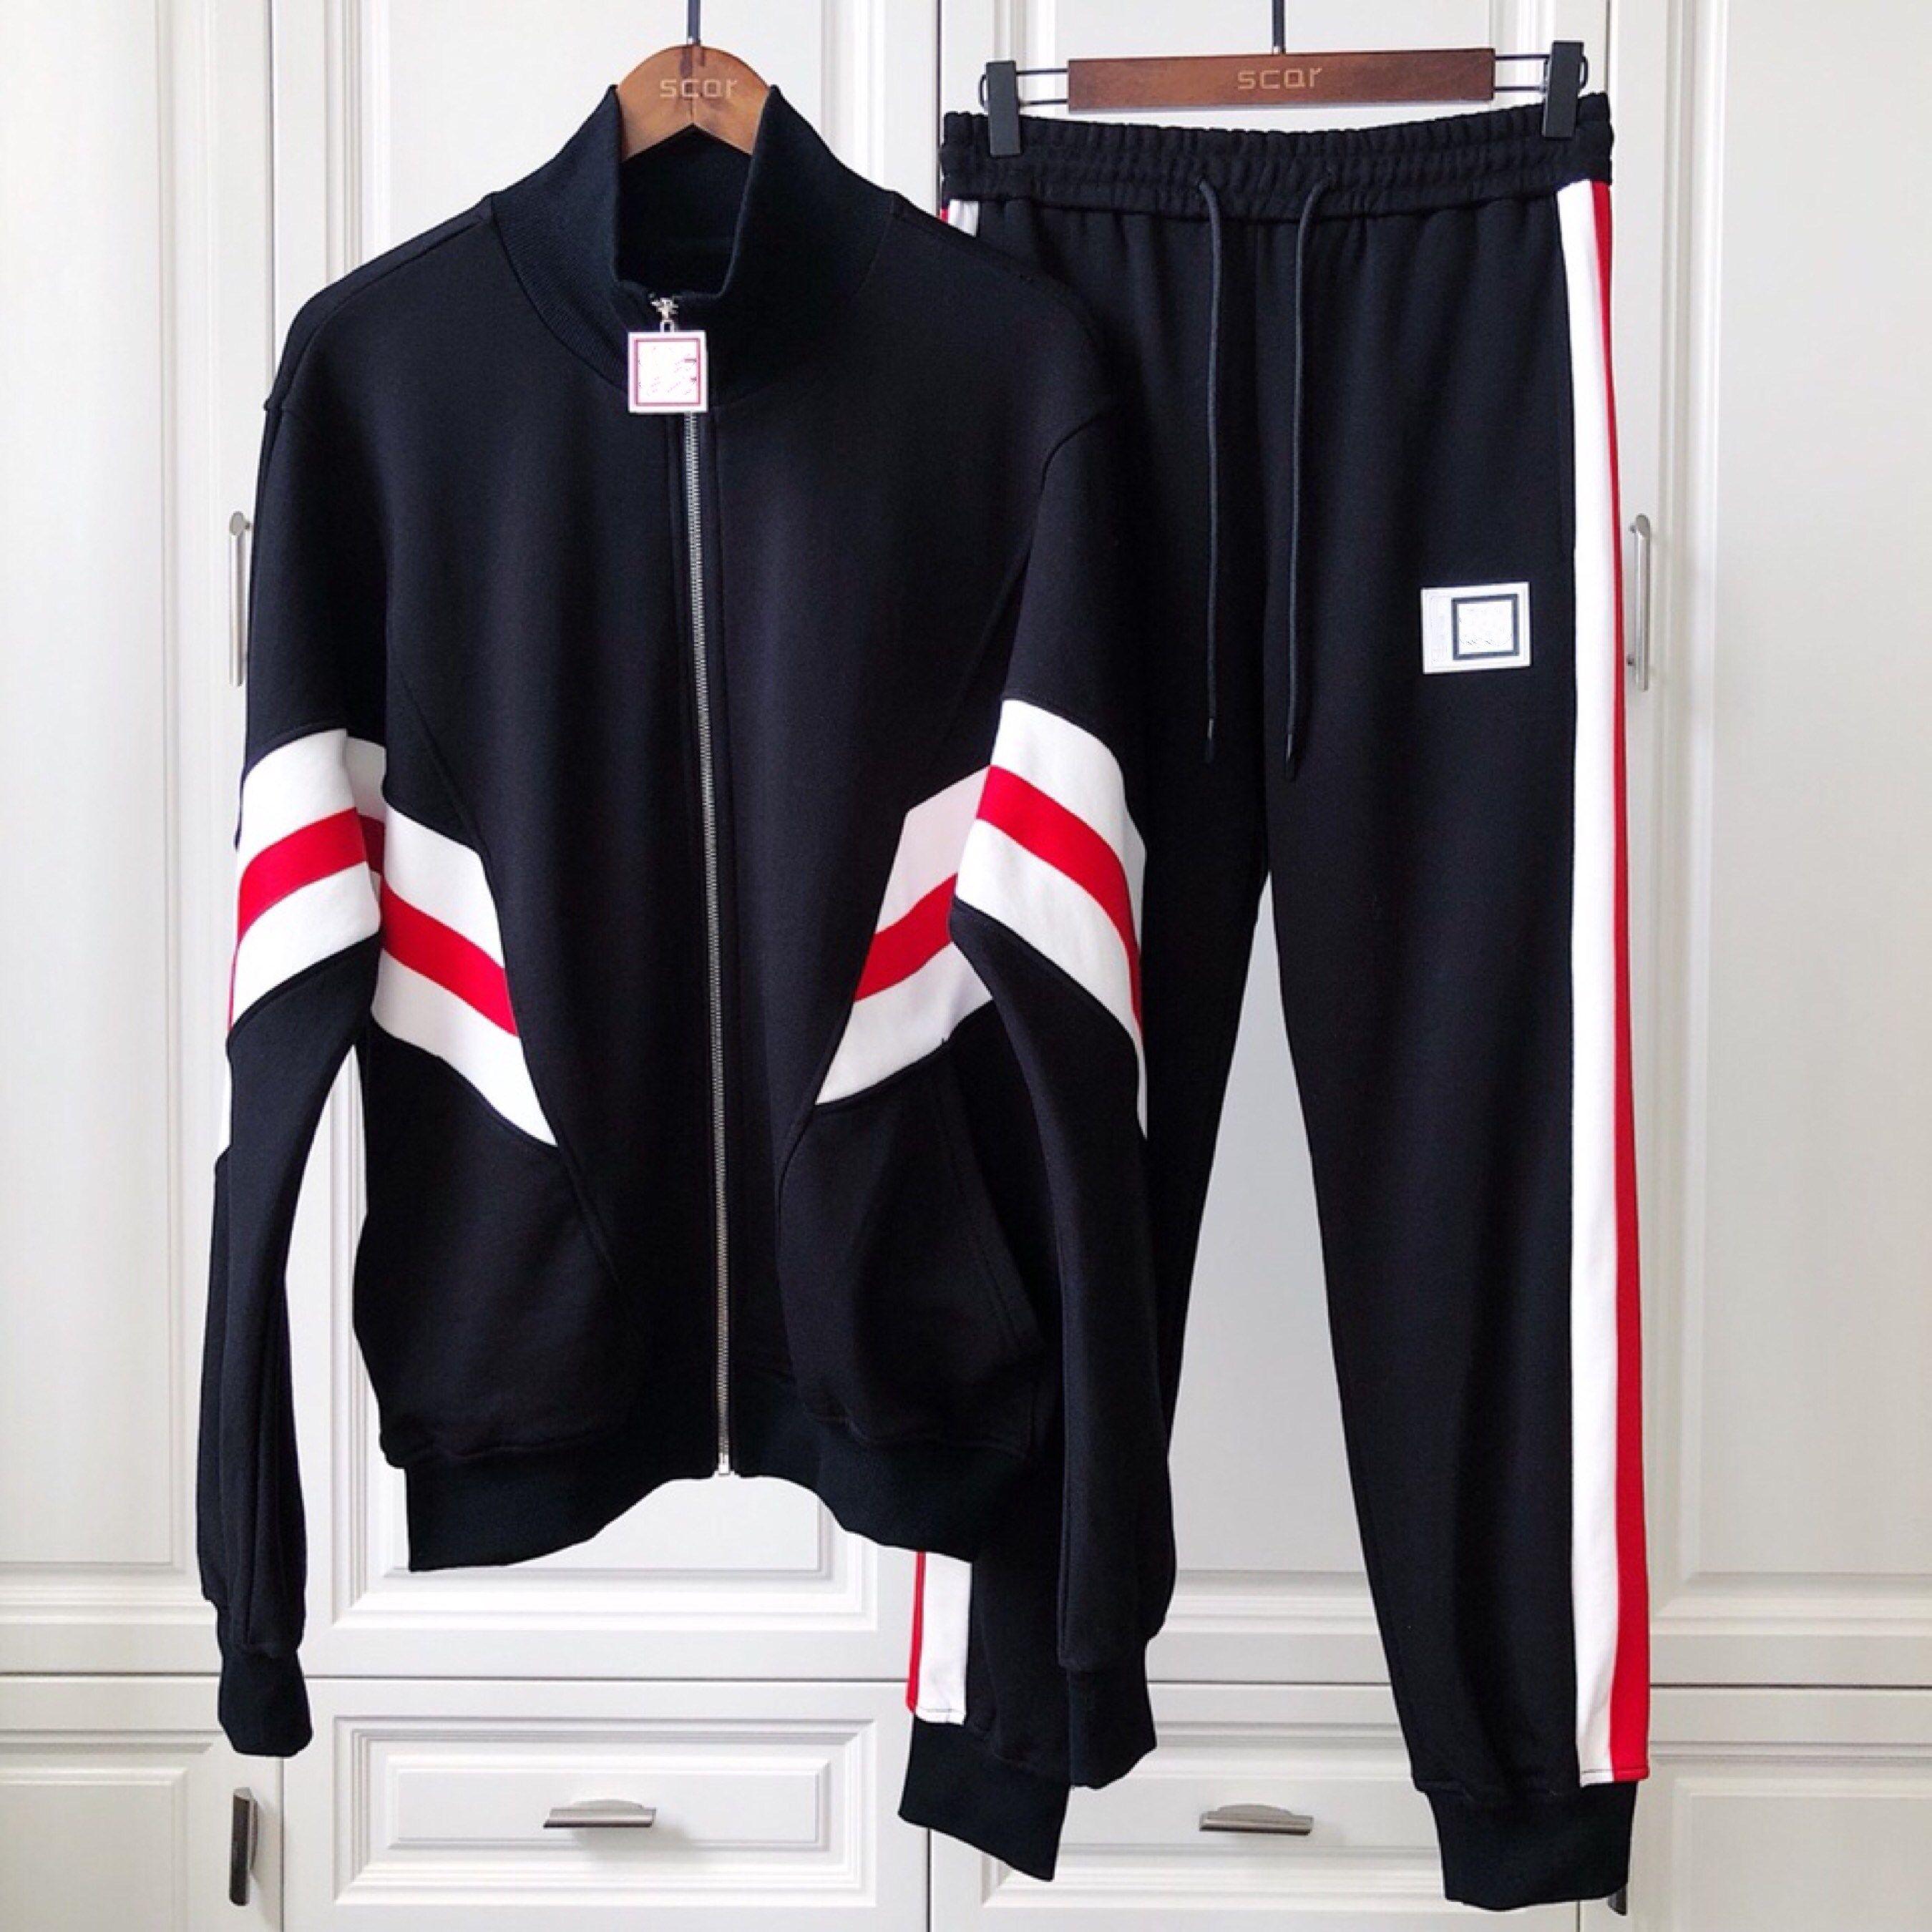 aec61c8770ef 2019 Mens Designer Tracksuits Luxury Sweat Suits 2019 New Spring ...